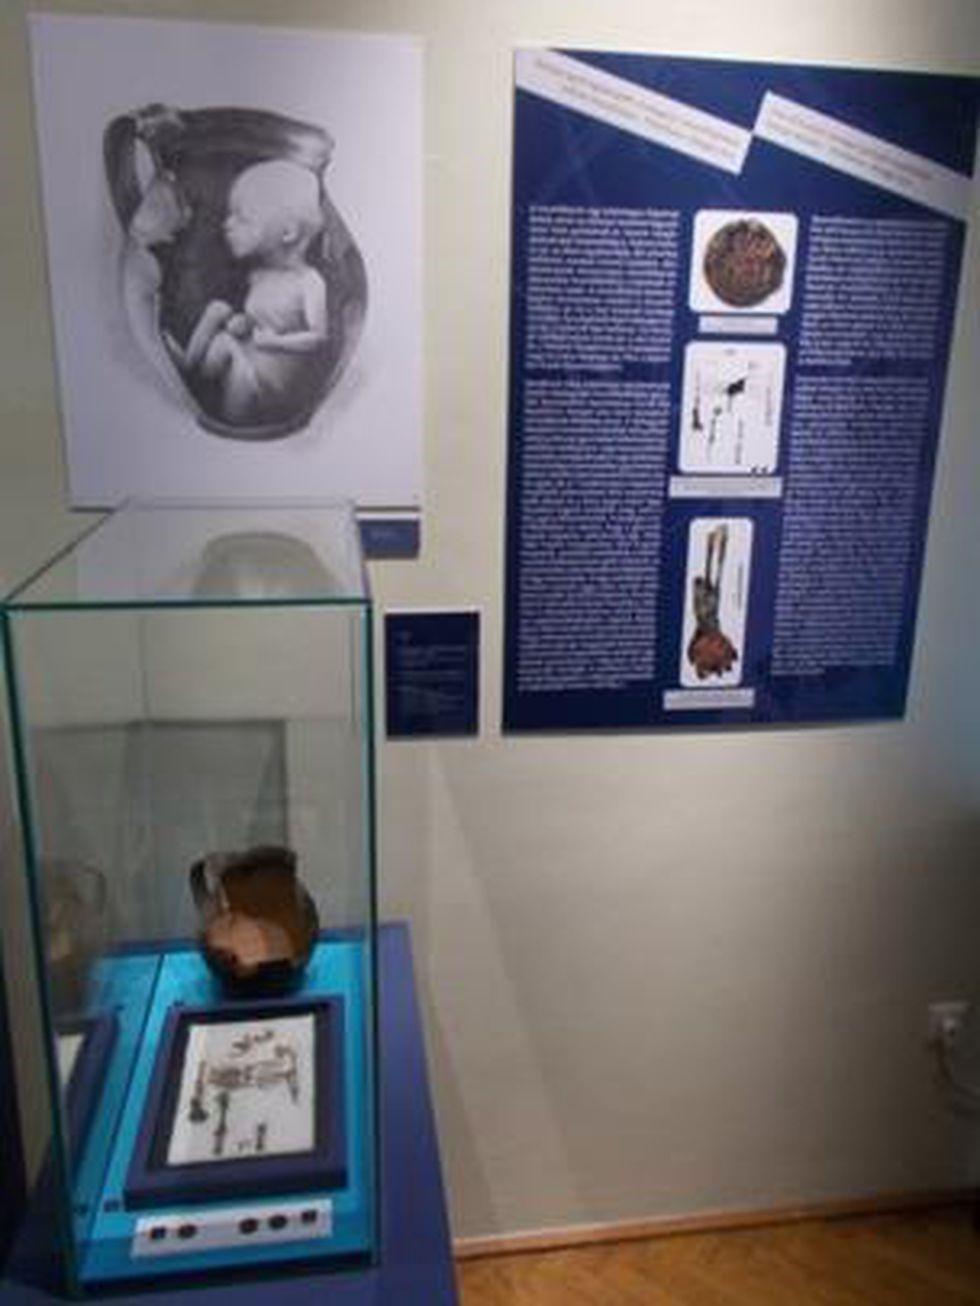 Una moneda momificó la mano de un bebé 411